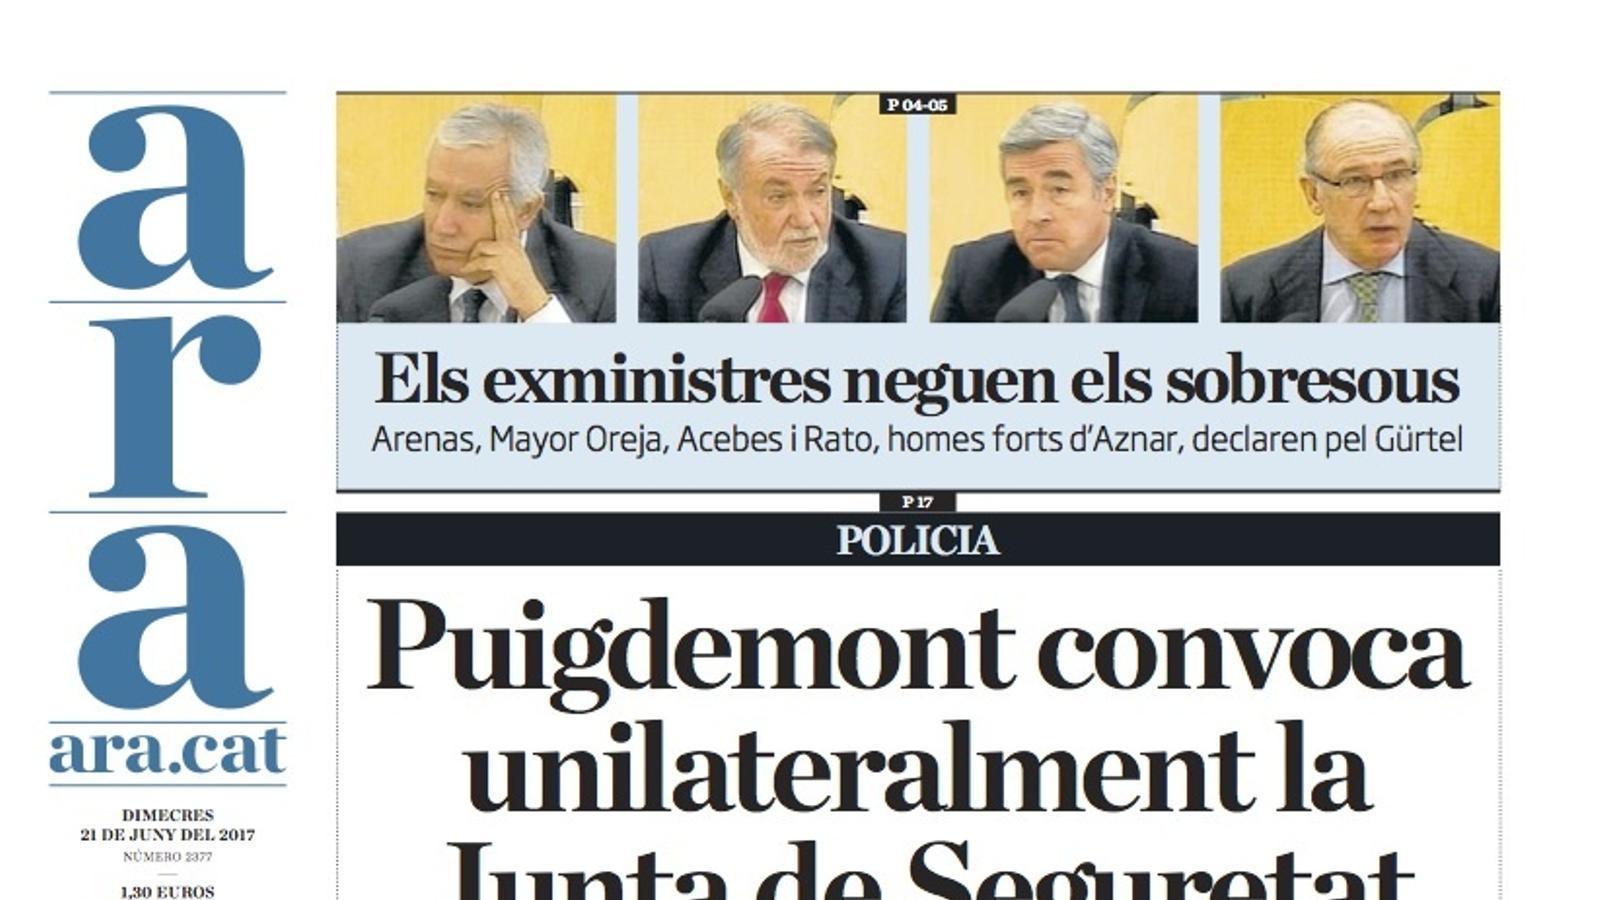 """""""Puigdemont convoca unilateralment la Junta de Seguretat"""", portada de l'ARA"""